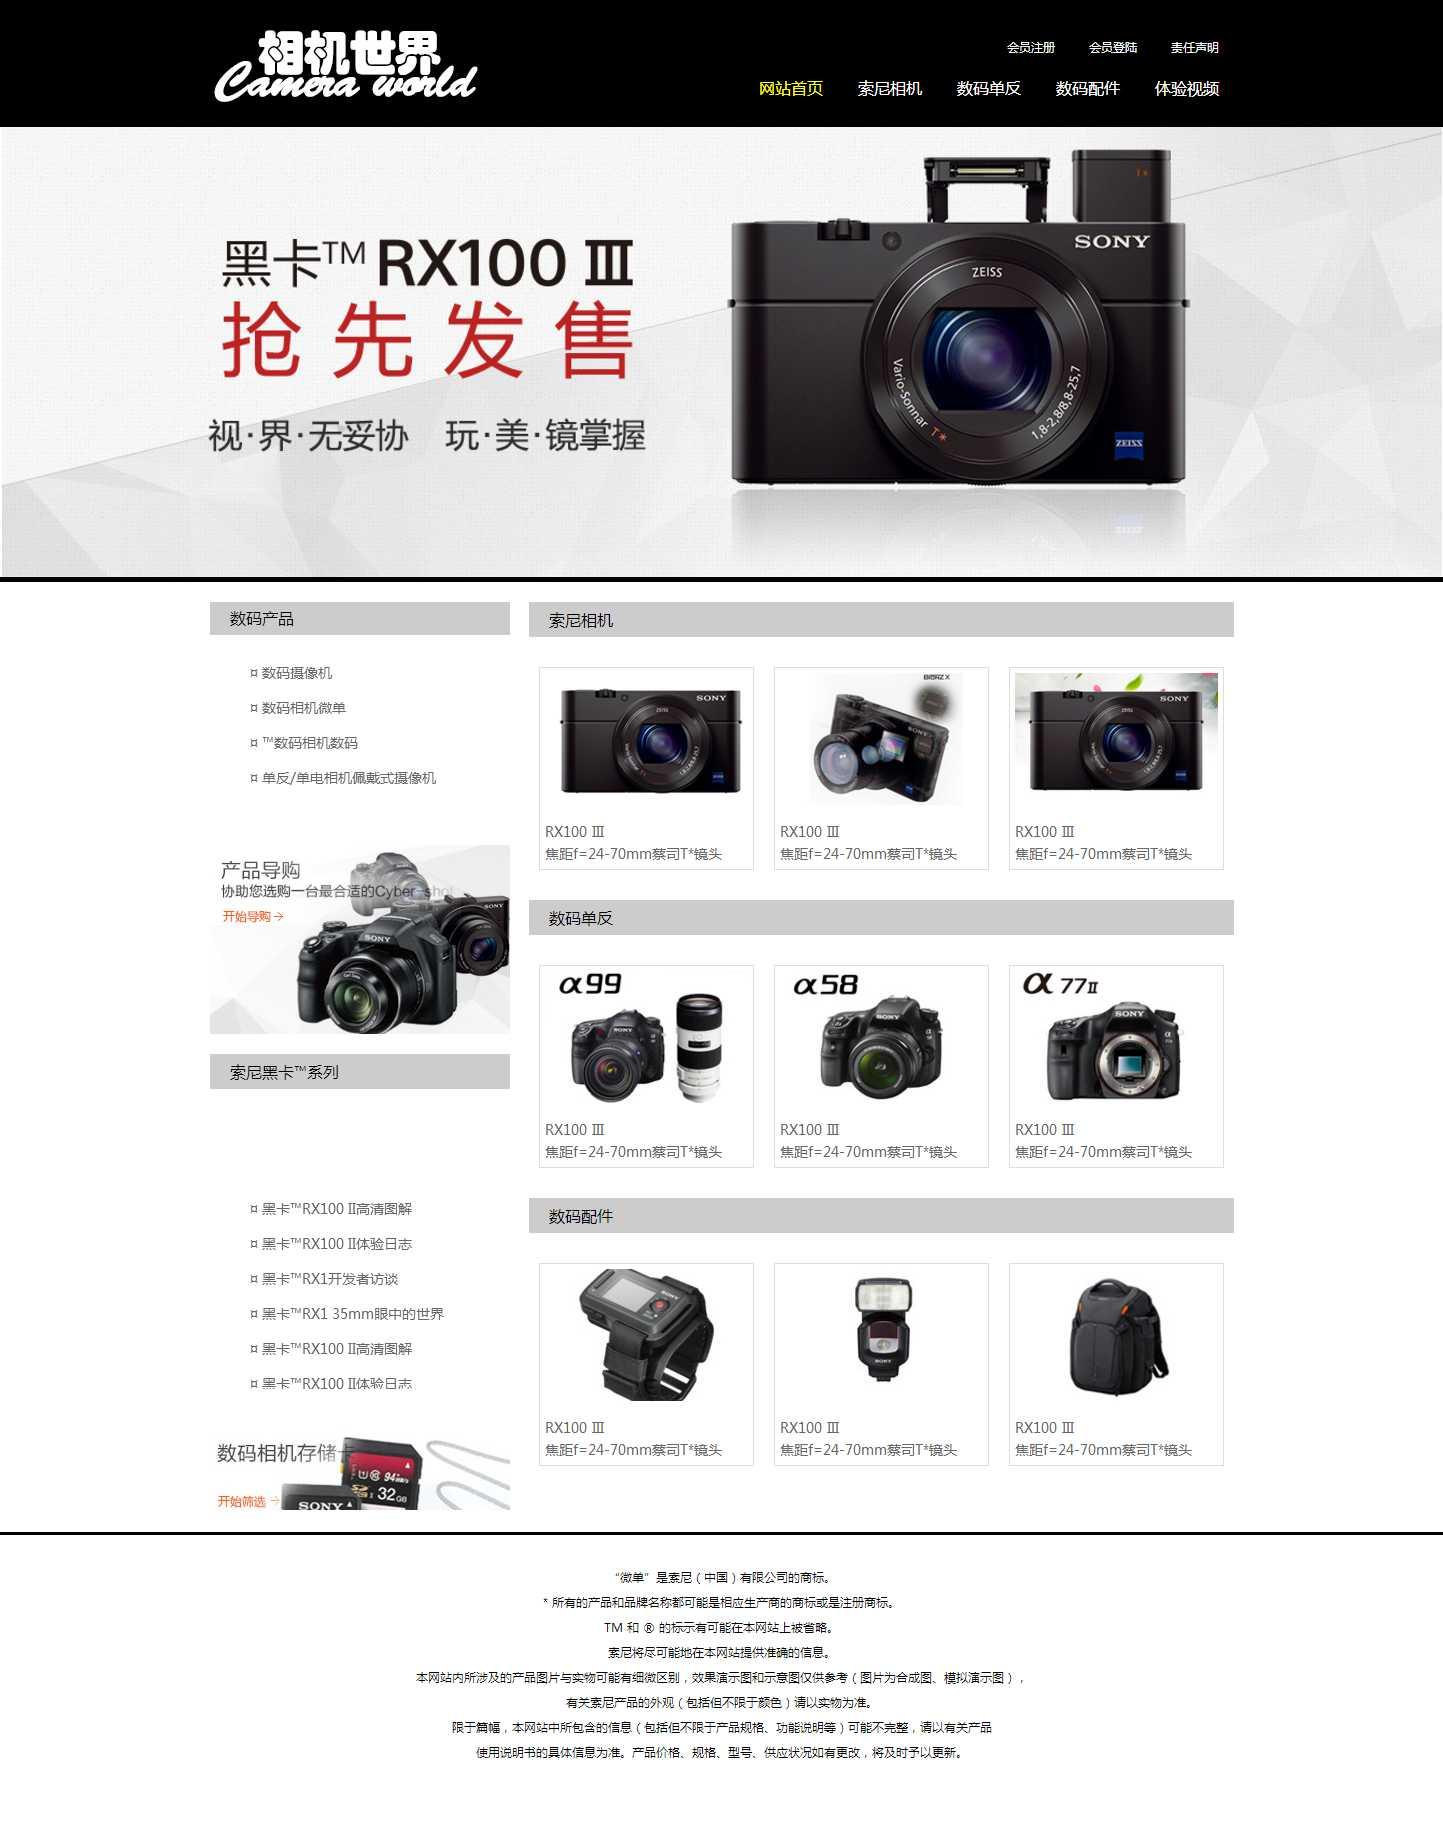 相机世界相机介绍,网页静态页html切图下载